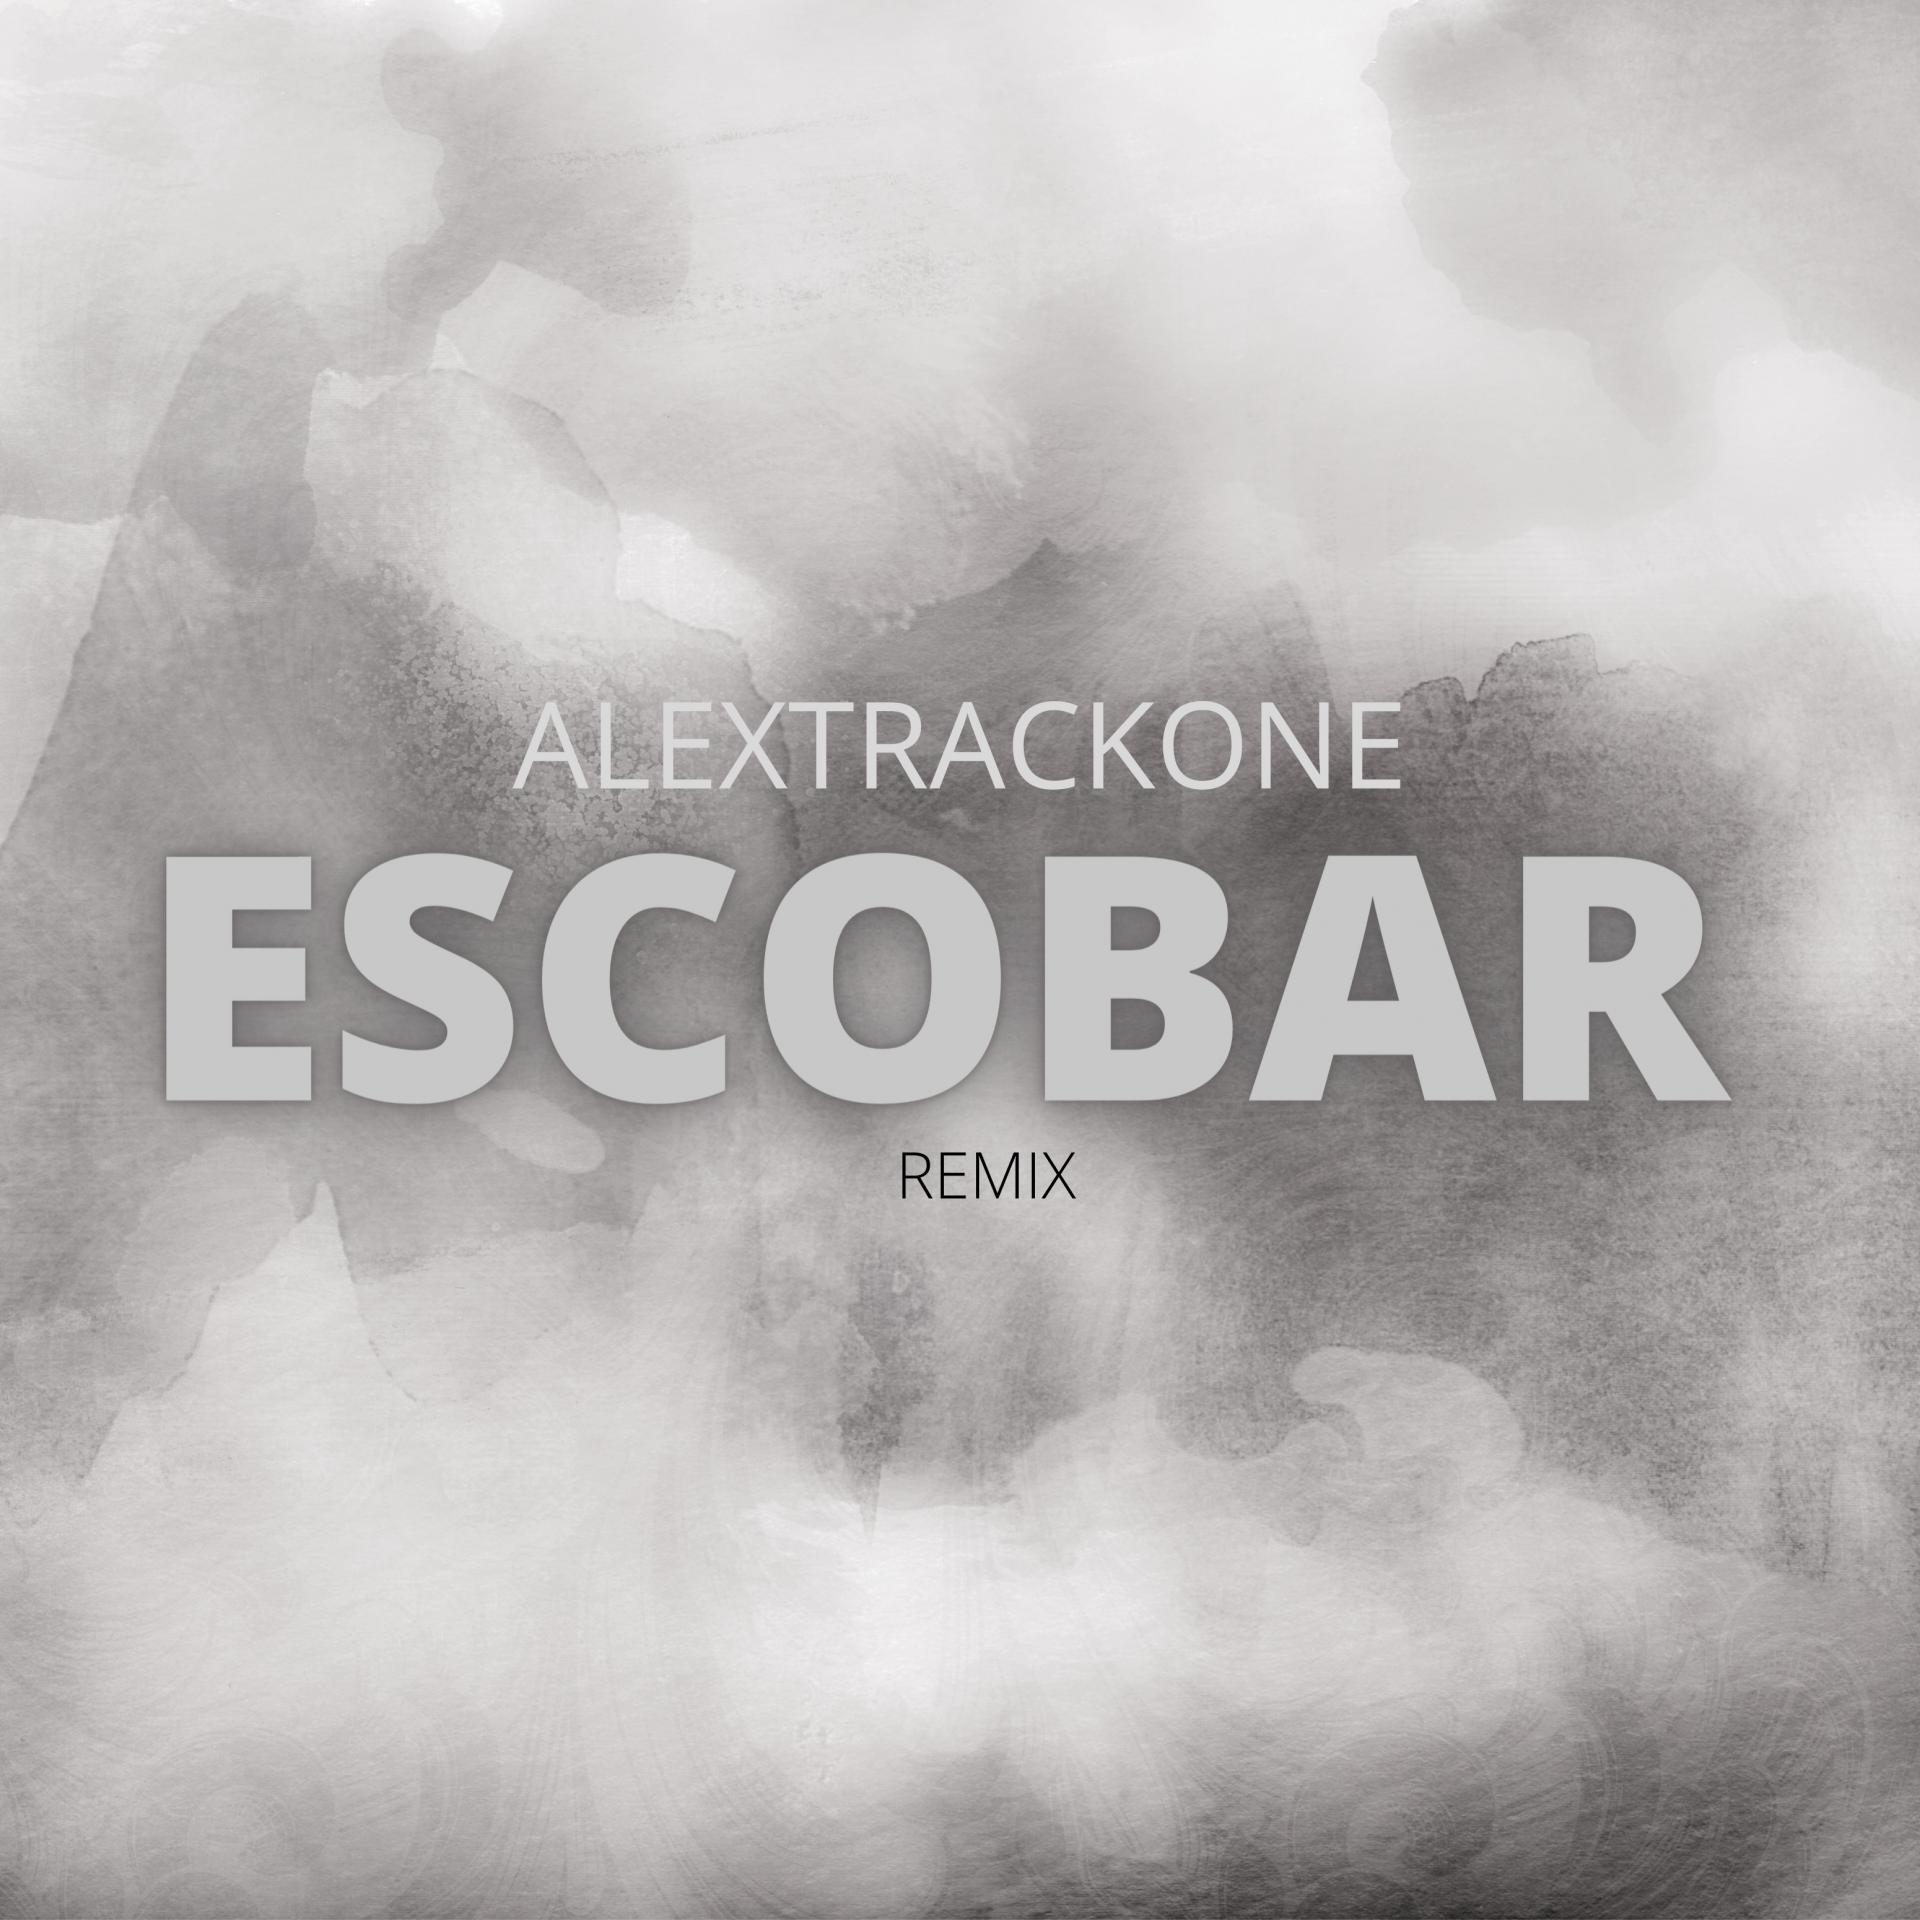 ESCOBAR -REMIX-